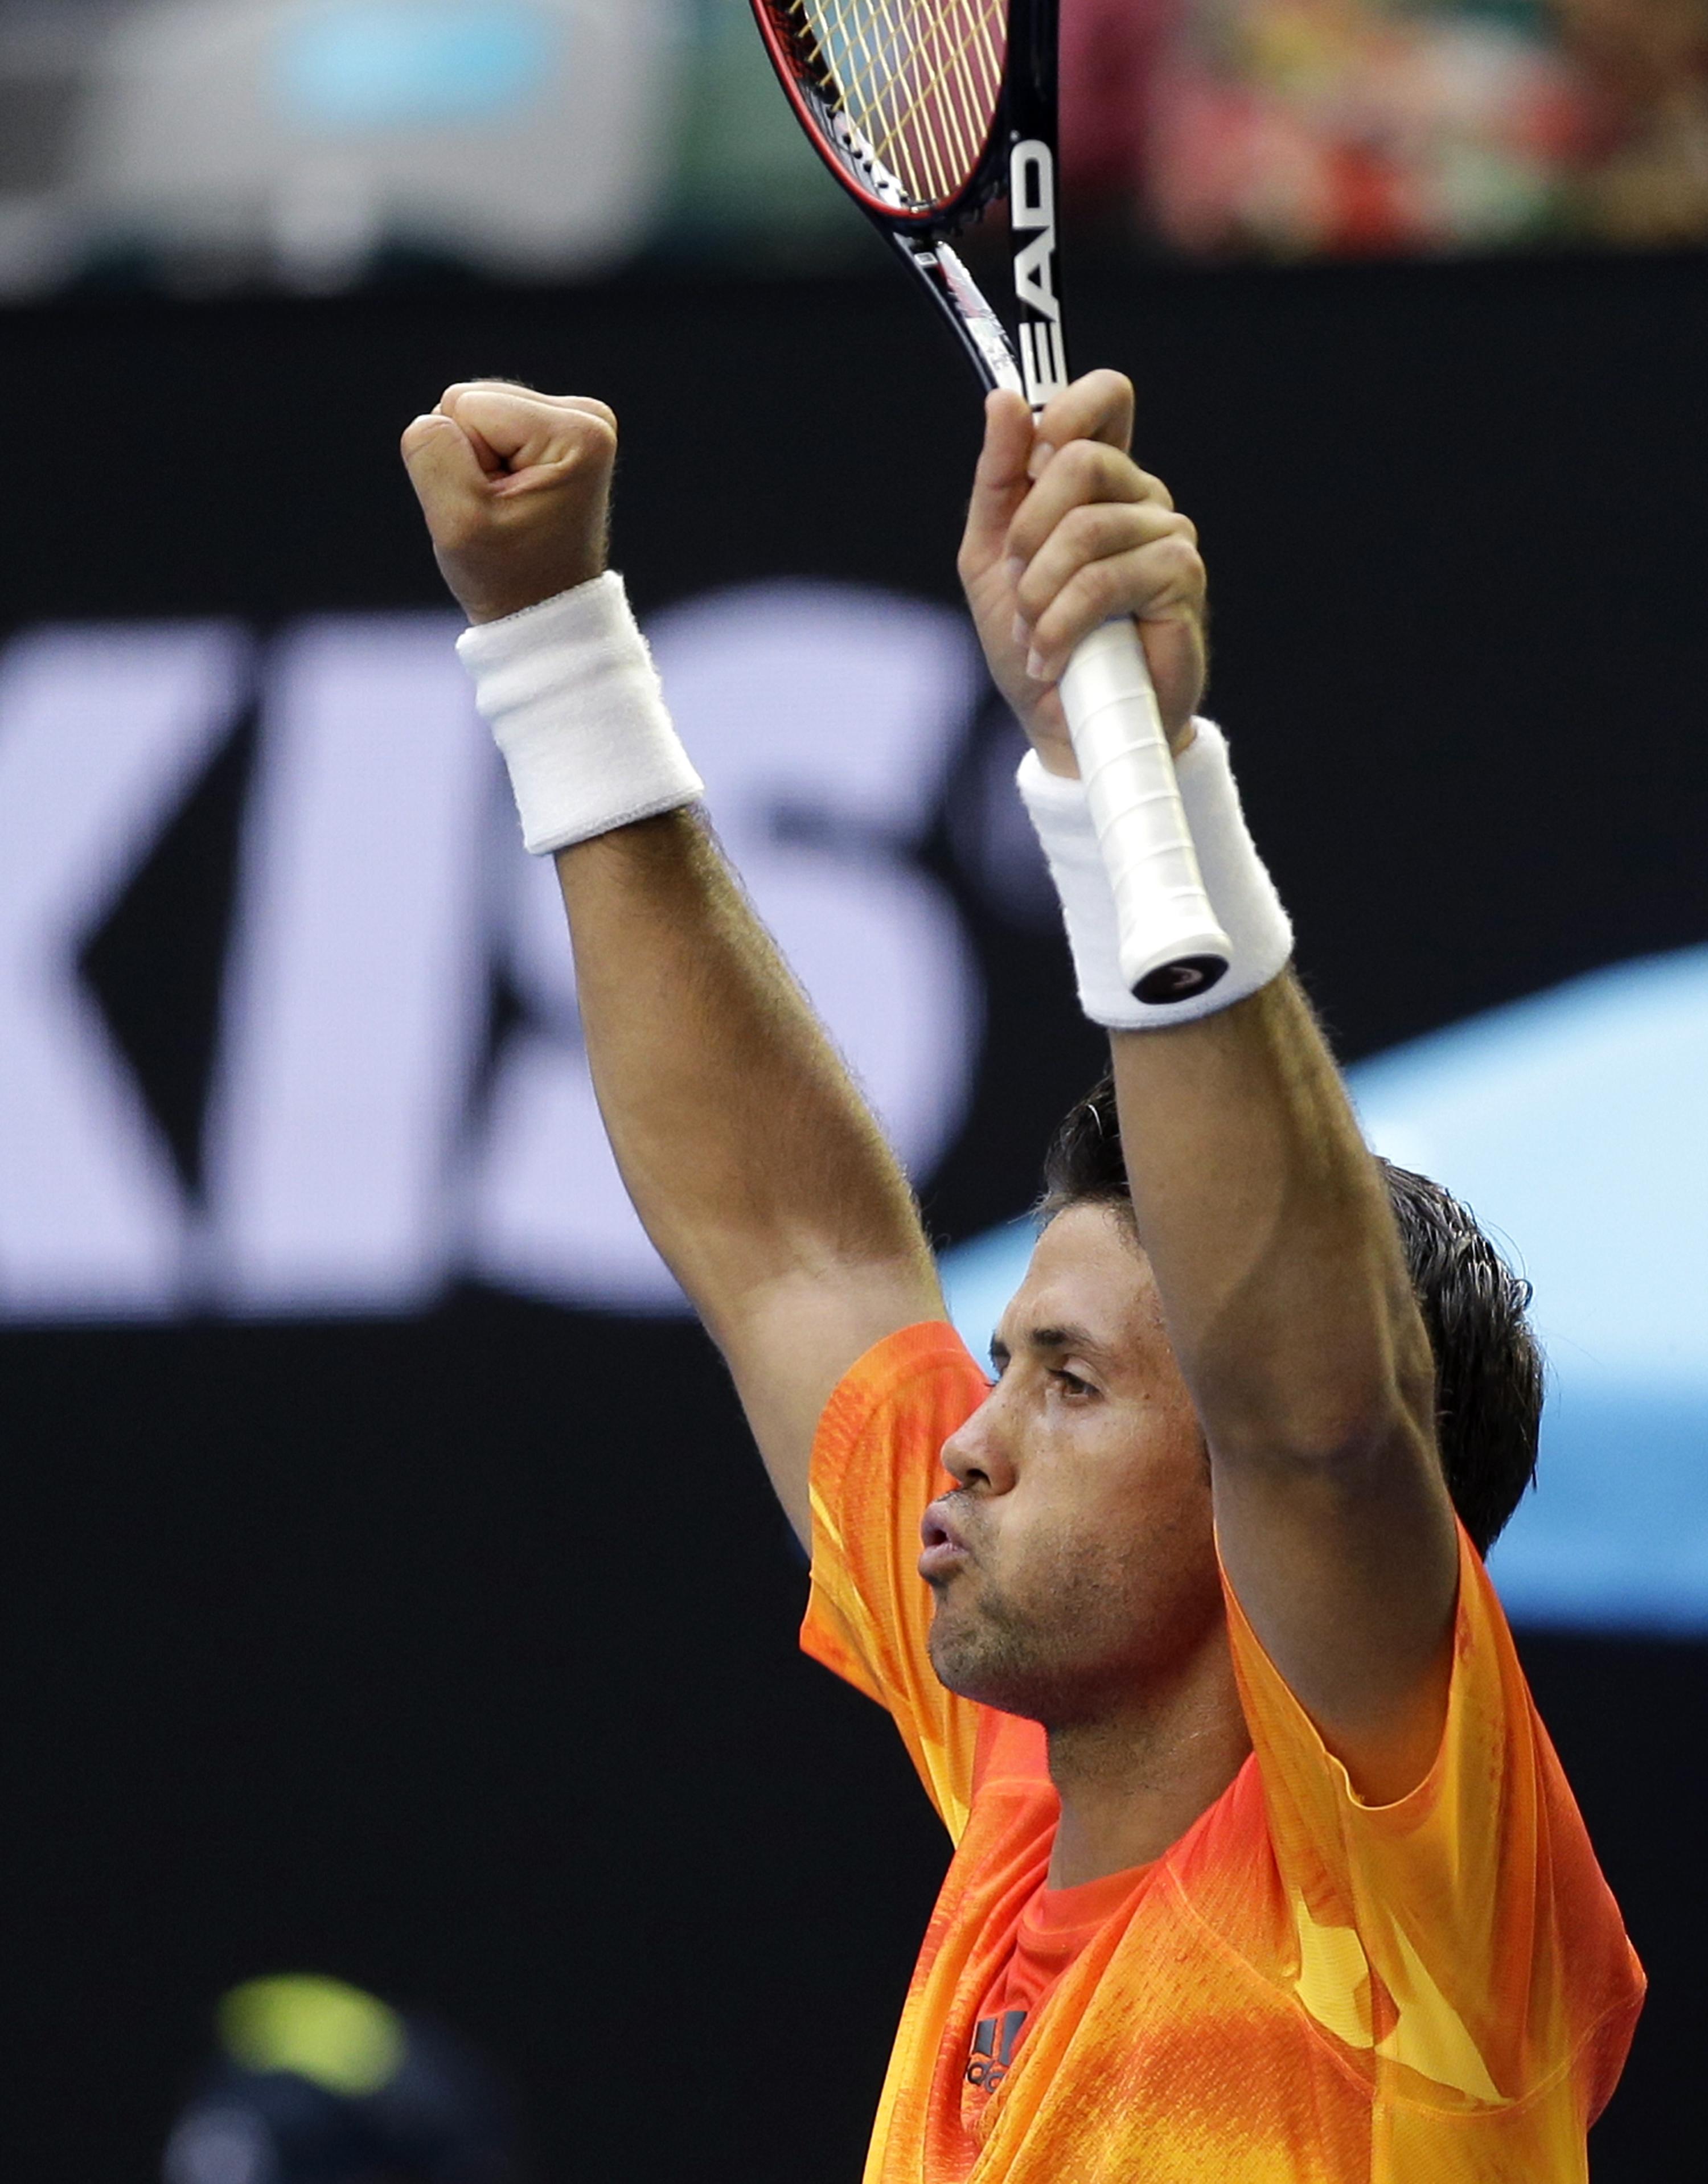 australian_open_tennis-9cc06d9985044f718_r8565.jpeg